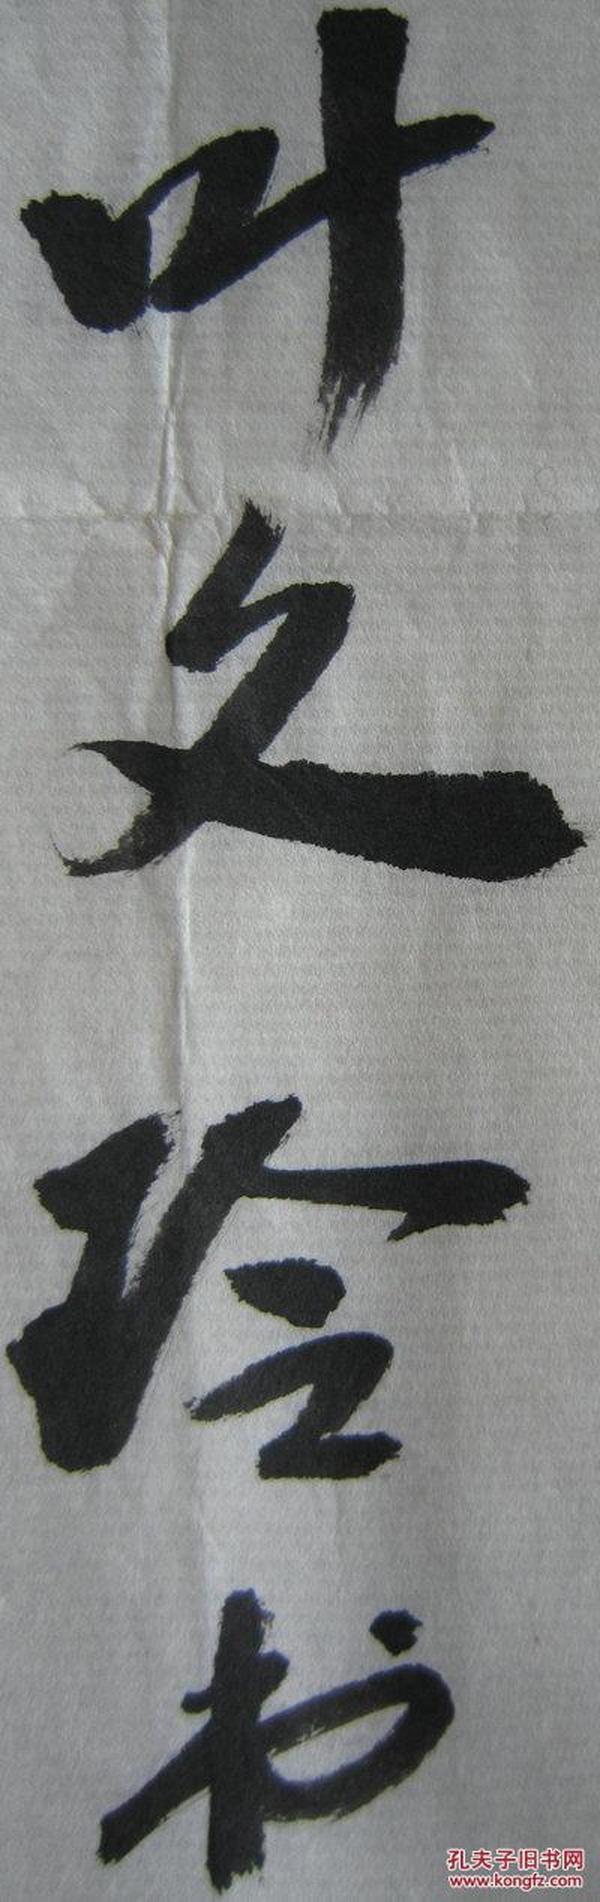 叶文玲书法图片